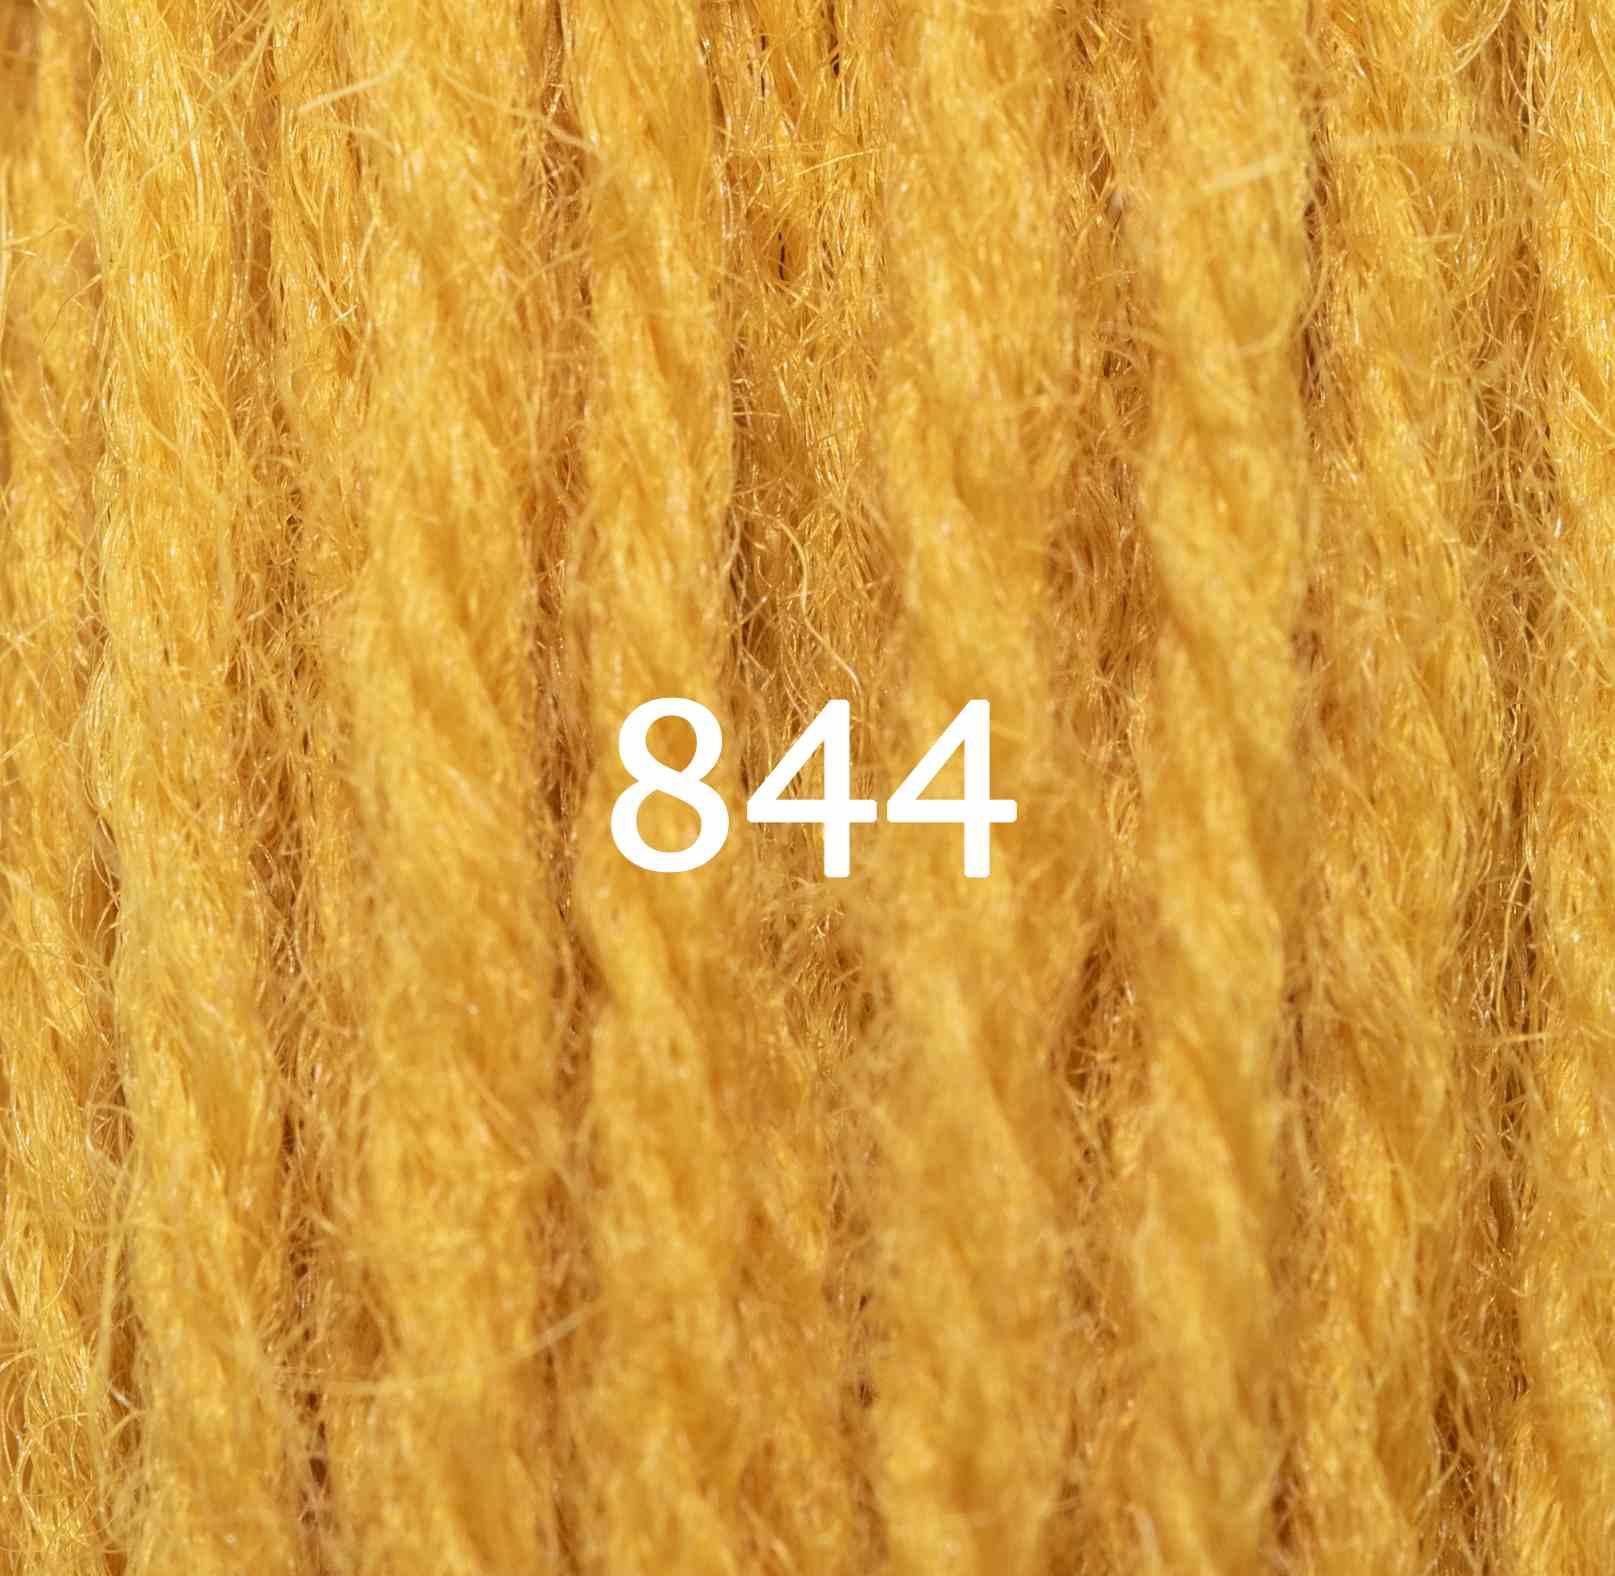 Heraldic-Gold-844